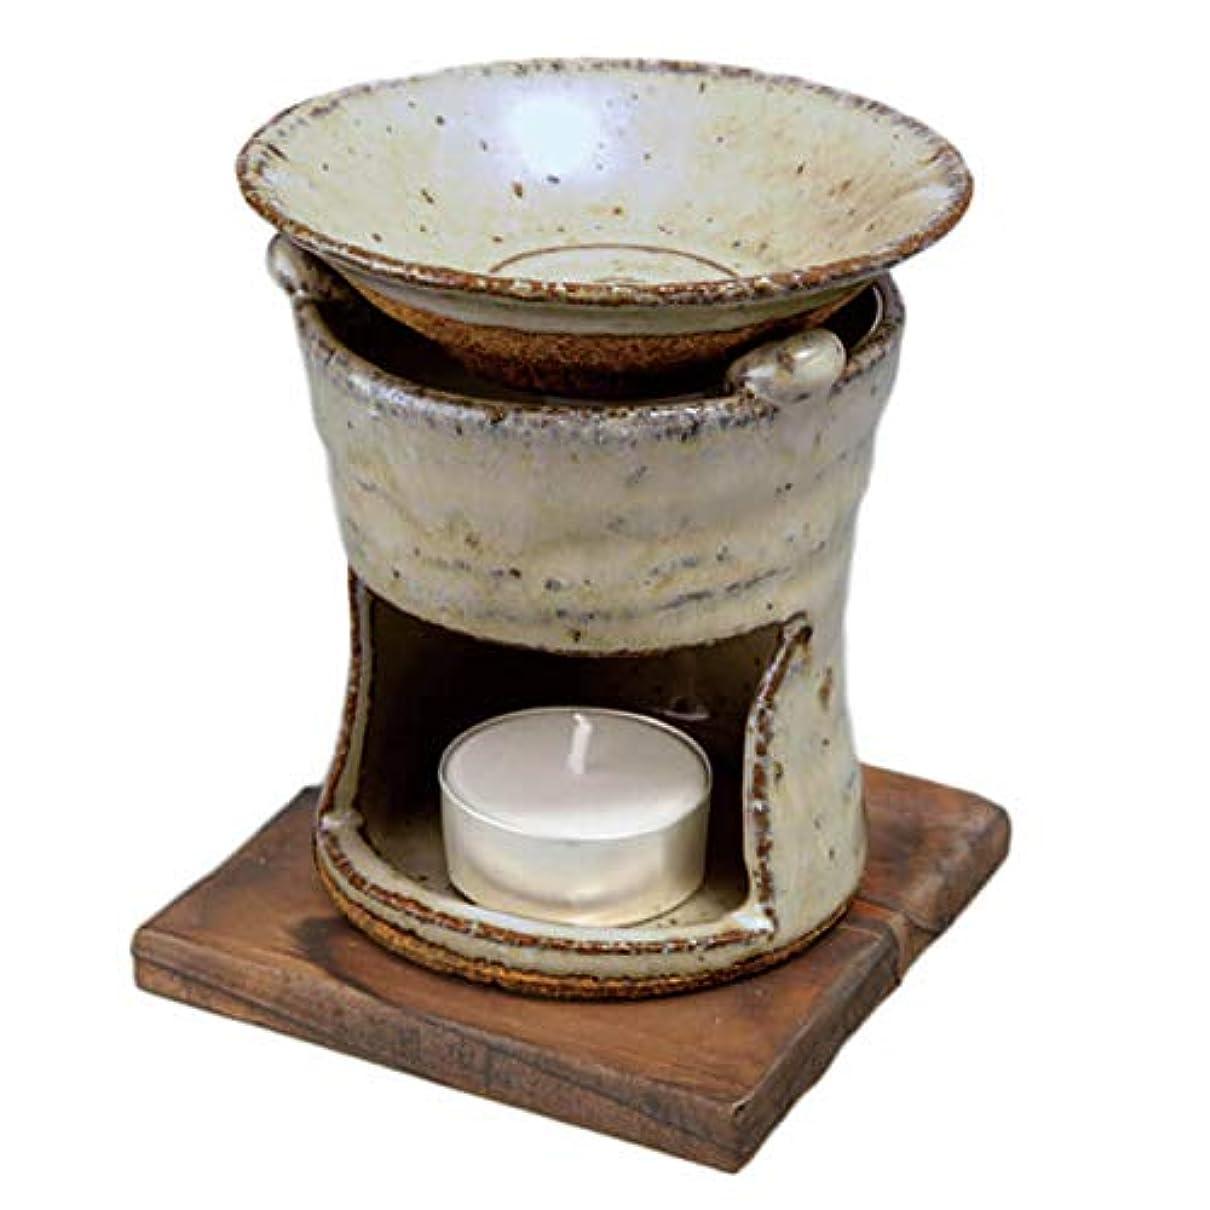 静脈種類耕す手造り 茶香炉/茶香炉 伊良保/アロマ 癒やし リラックス インテリア 間接照明